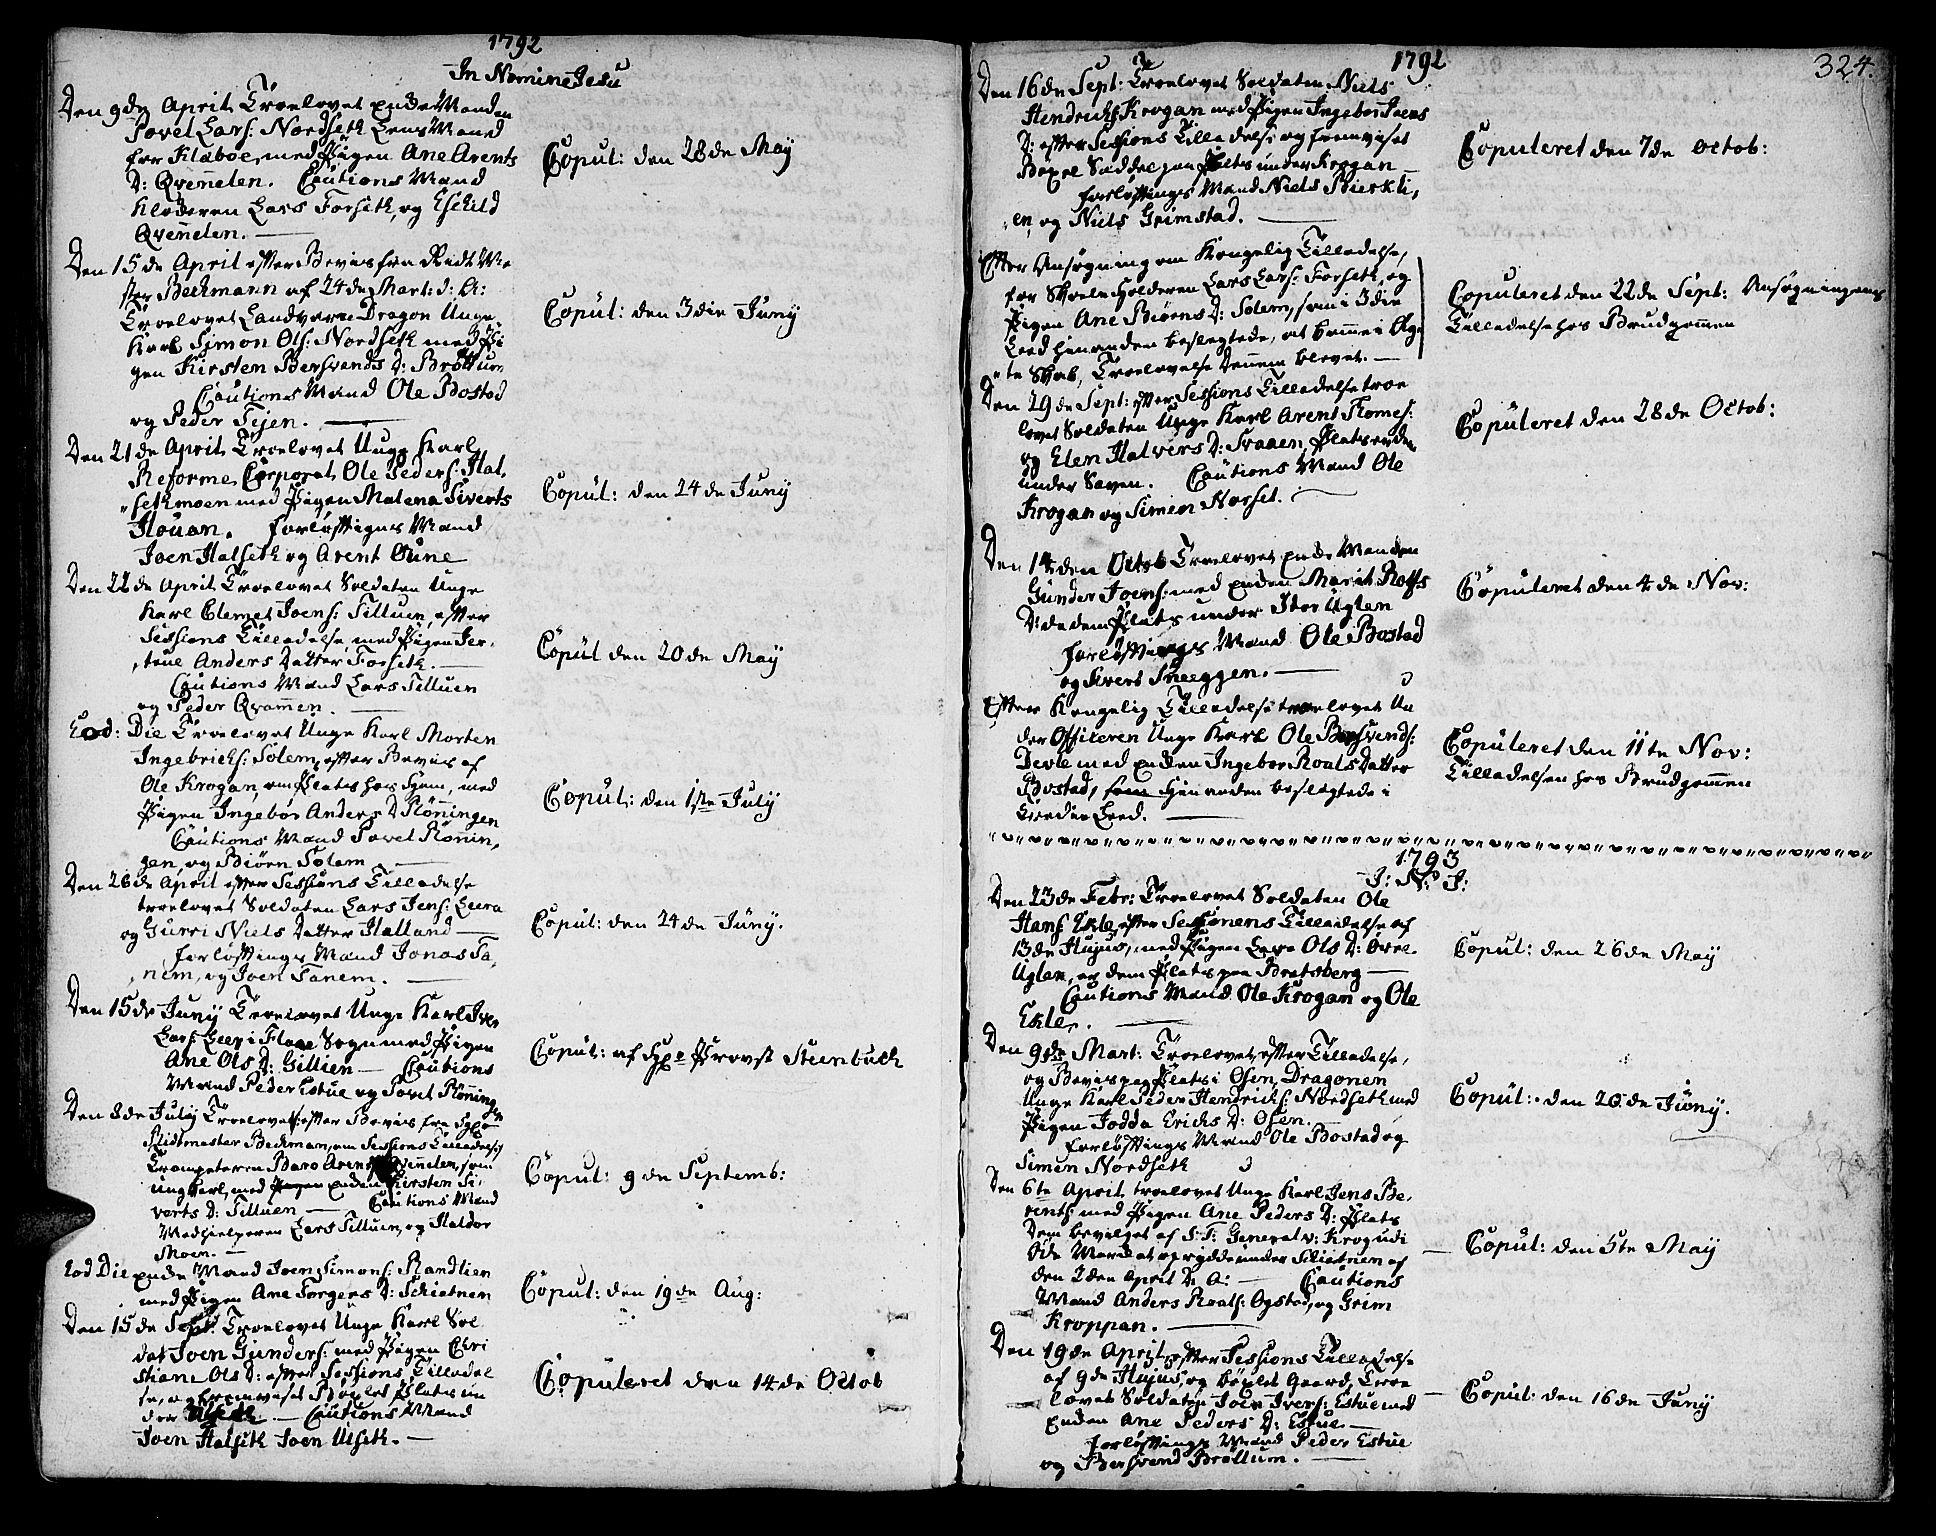 SAT, Ministerialprotokoller, klokkerbøker og fødselsregistre - Sør-Trøndelag, 618/L0438: Ministerialbok nr. 618A03, 1783-1815, s. 324